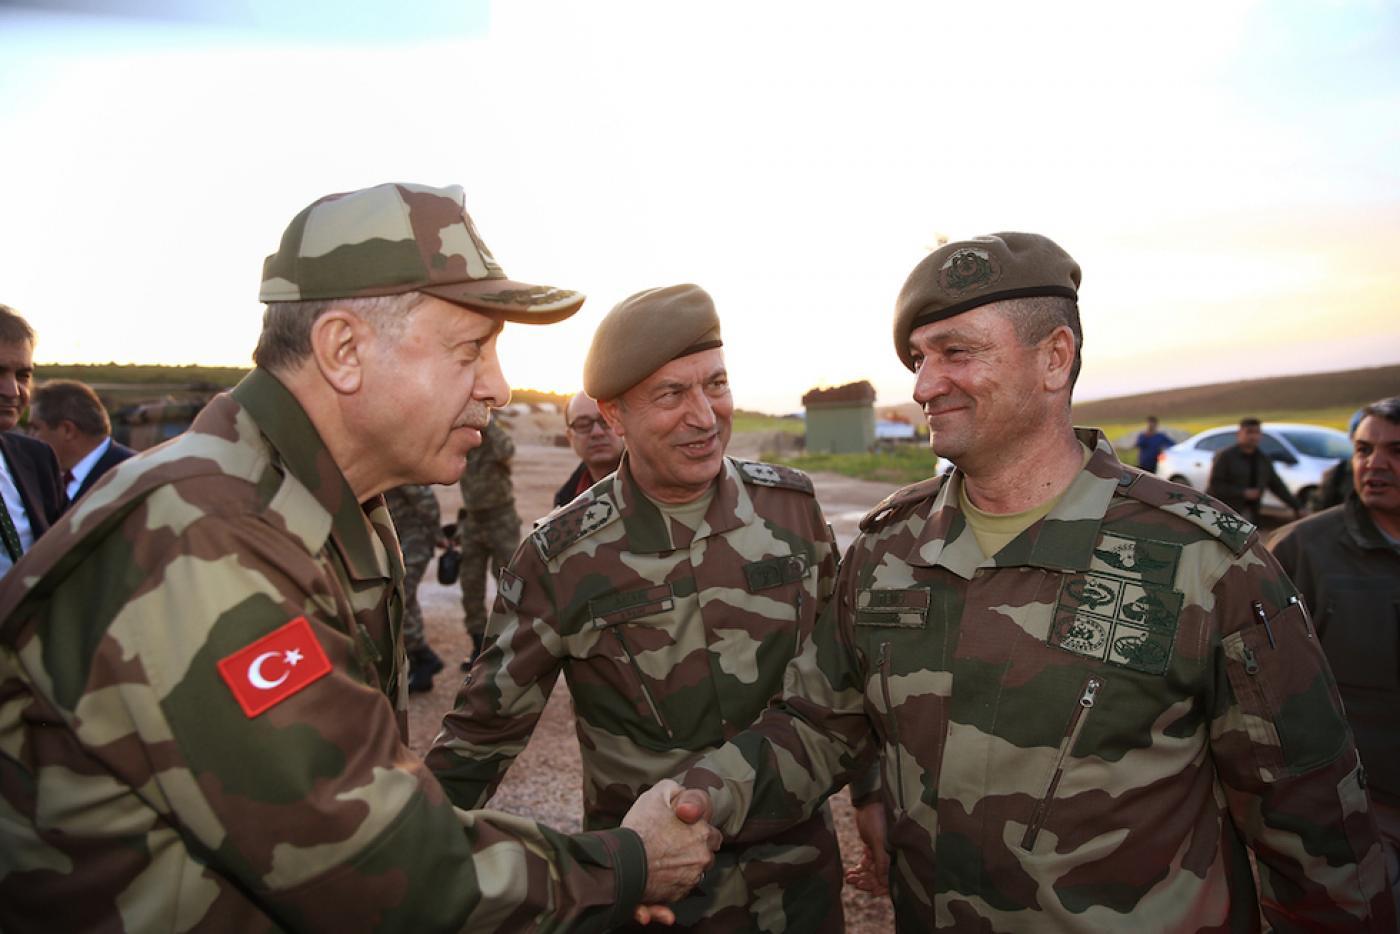 صورة خبراء روس: الجيش التركي يستعد للحرب في سوريا